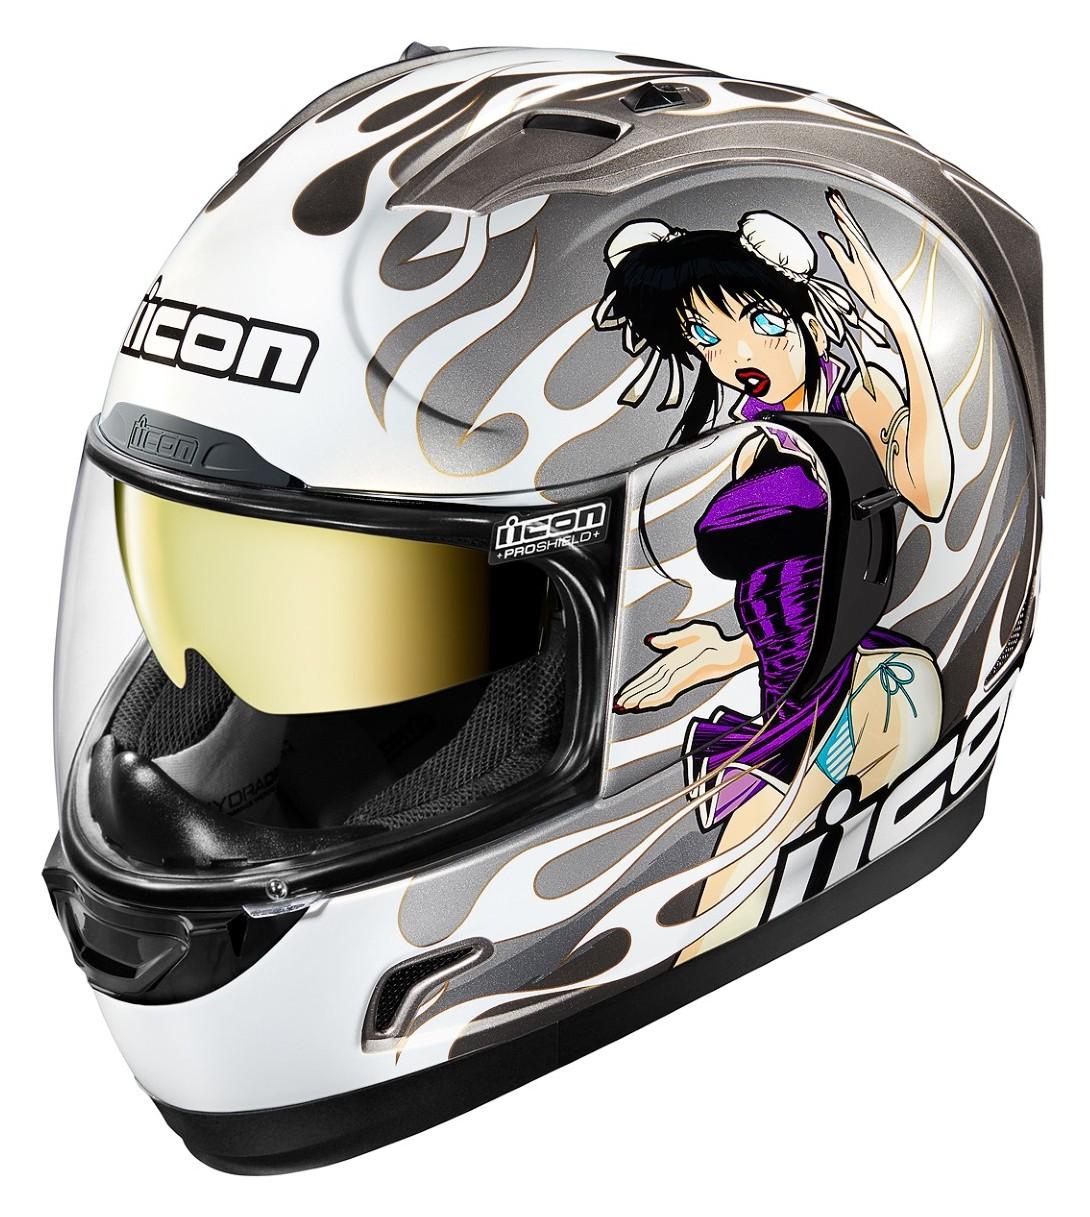 26096a4b632ae Icon Alliance GT DL18 Helmet - Cycle Gear